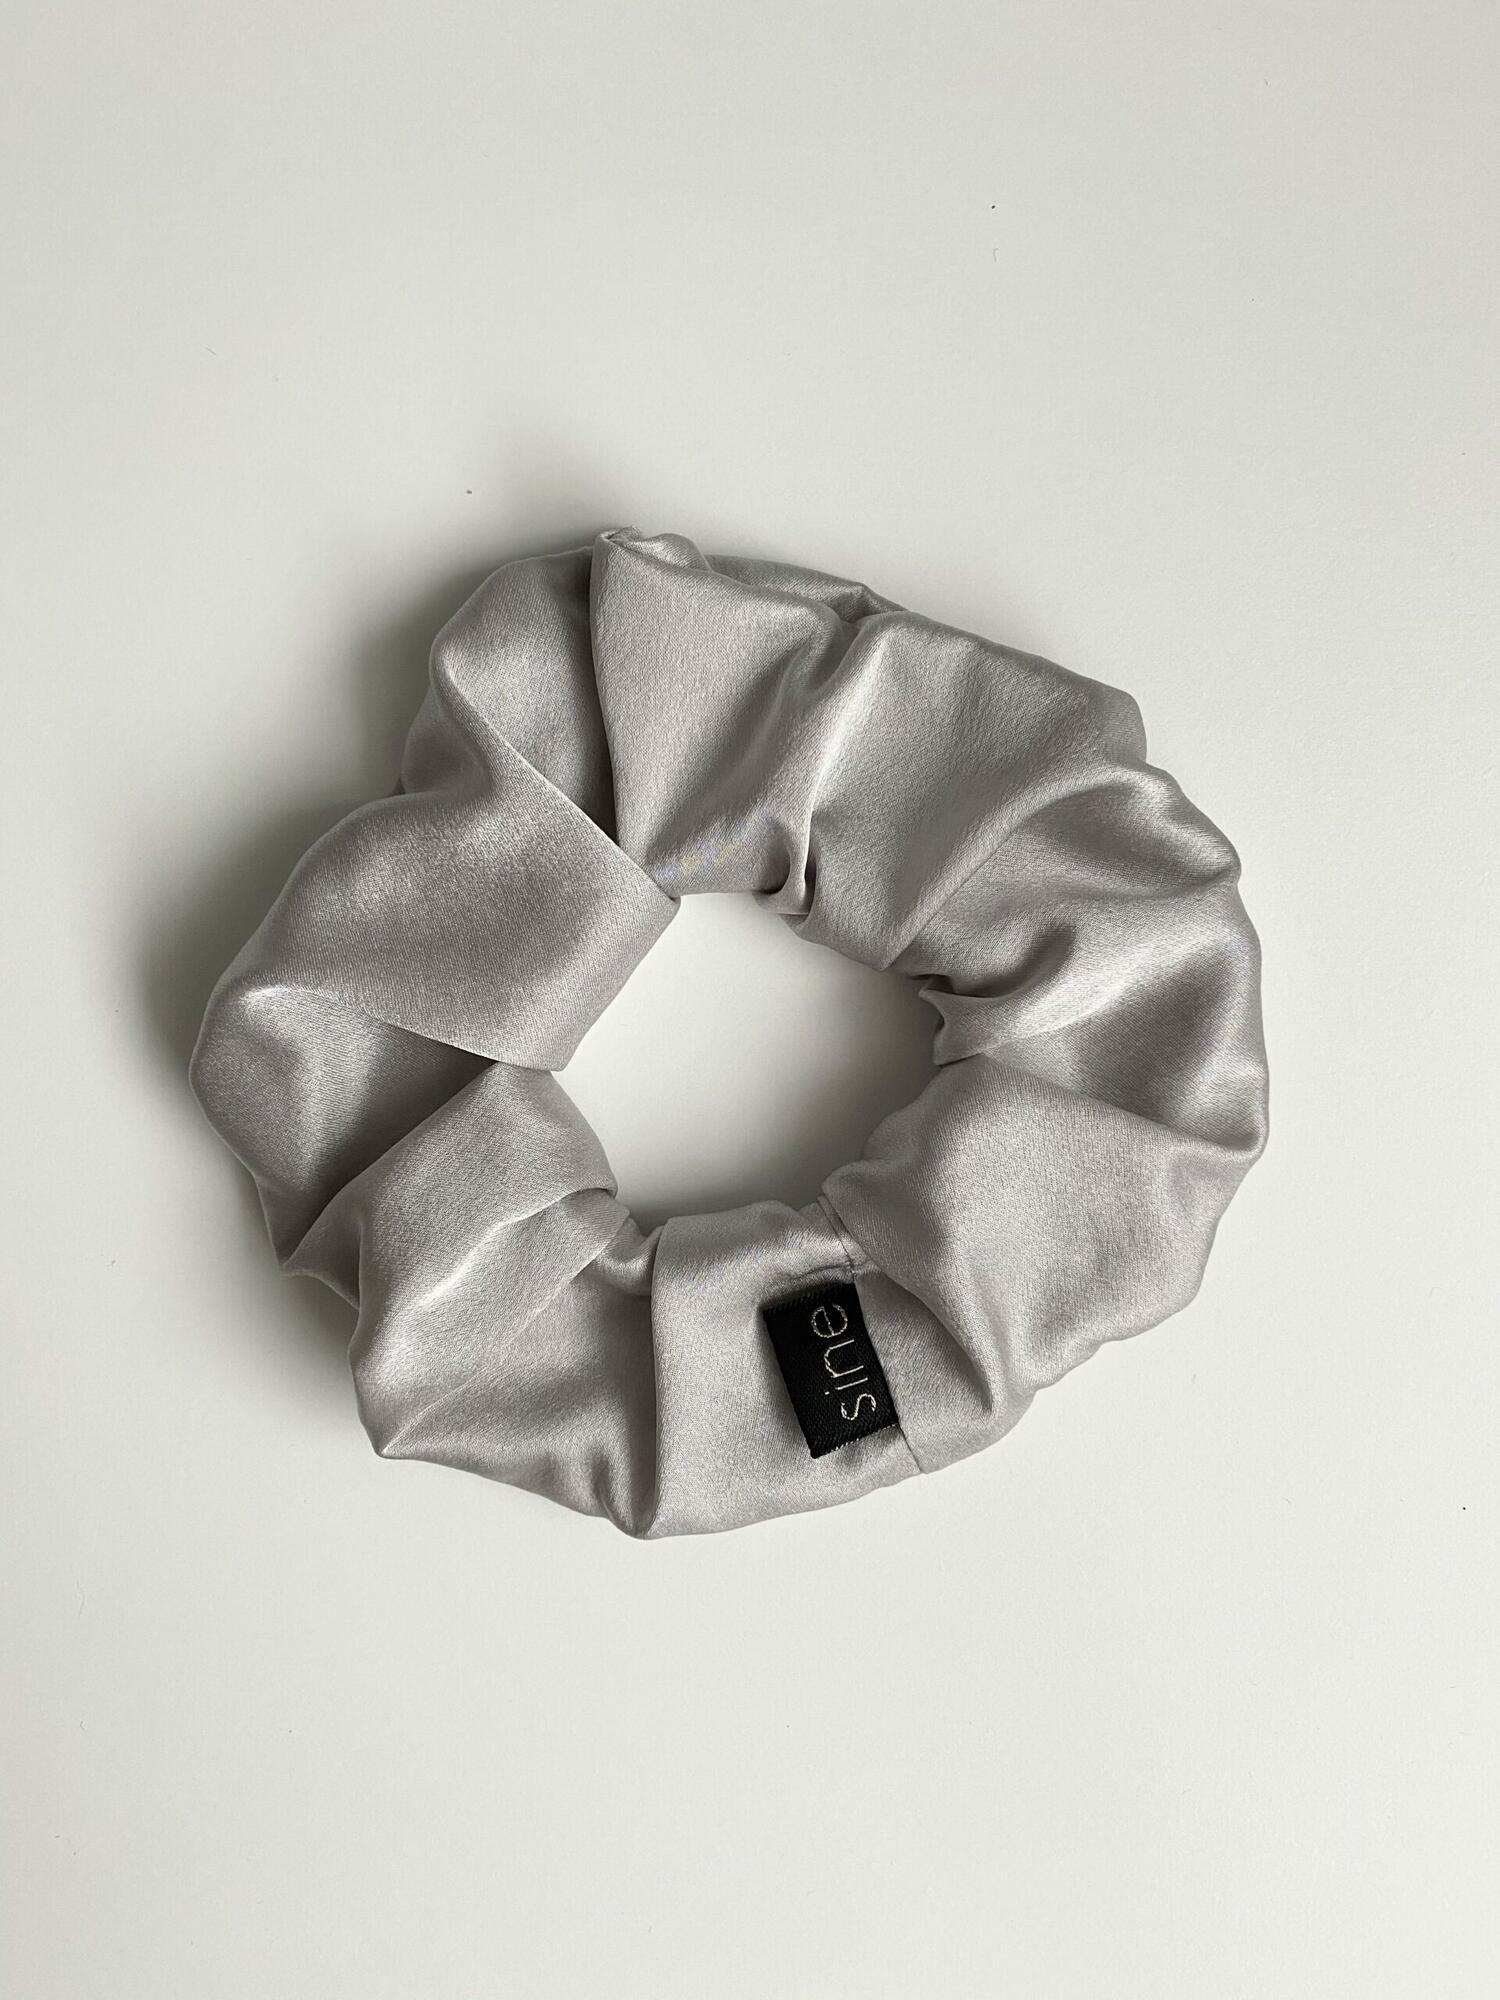 Jedwabna gumka do włosów | SILVER - Sine Silk | JestemSlow.pl